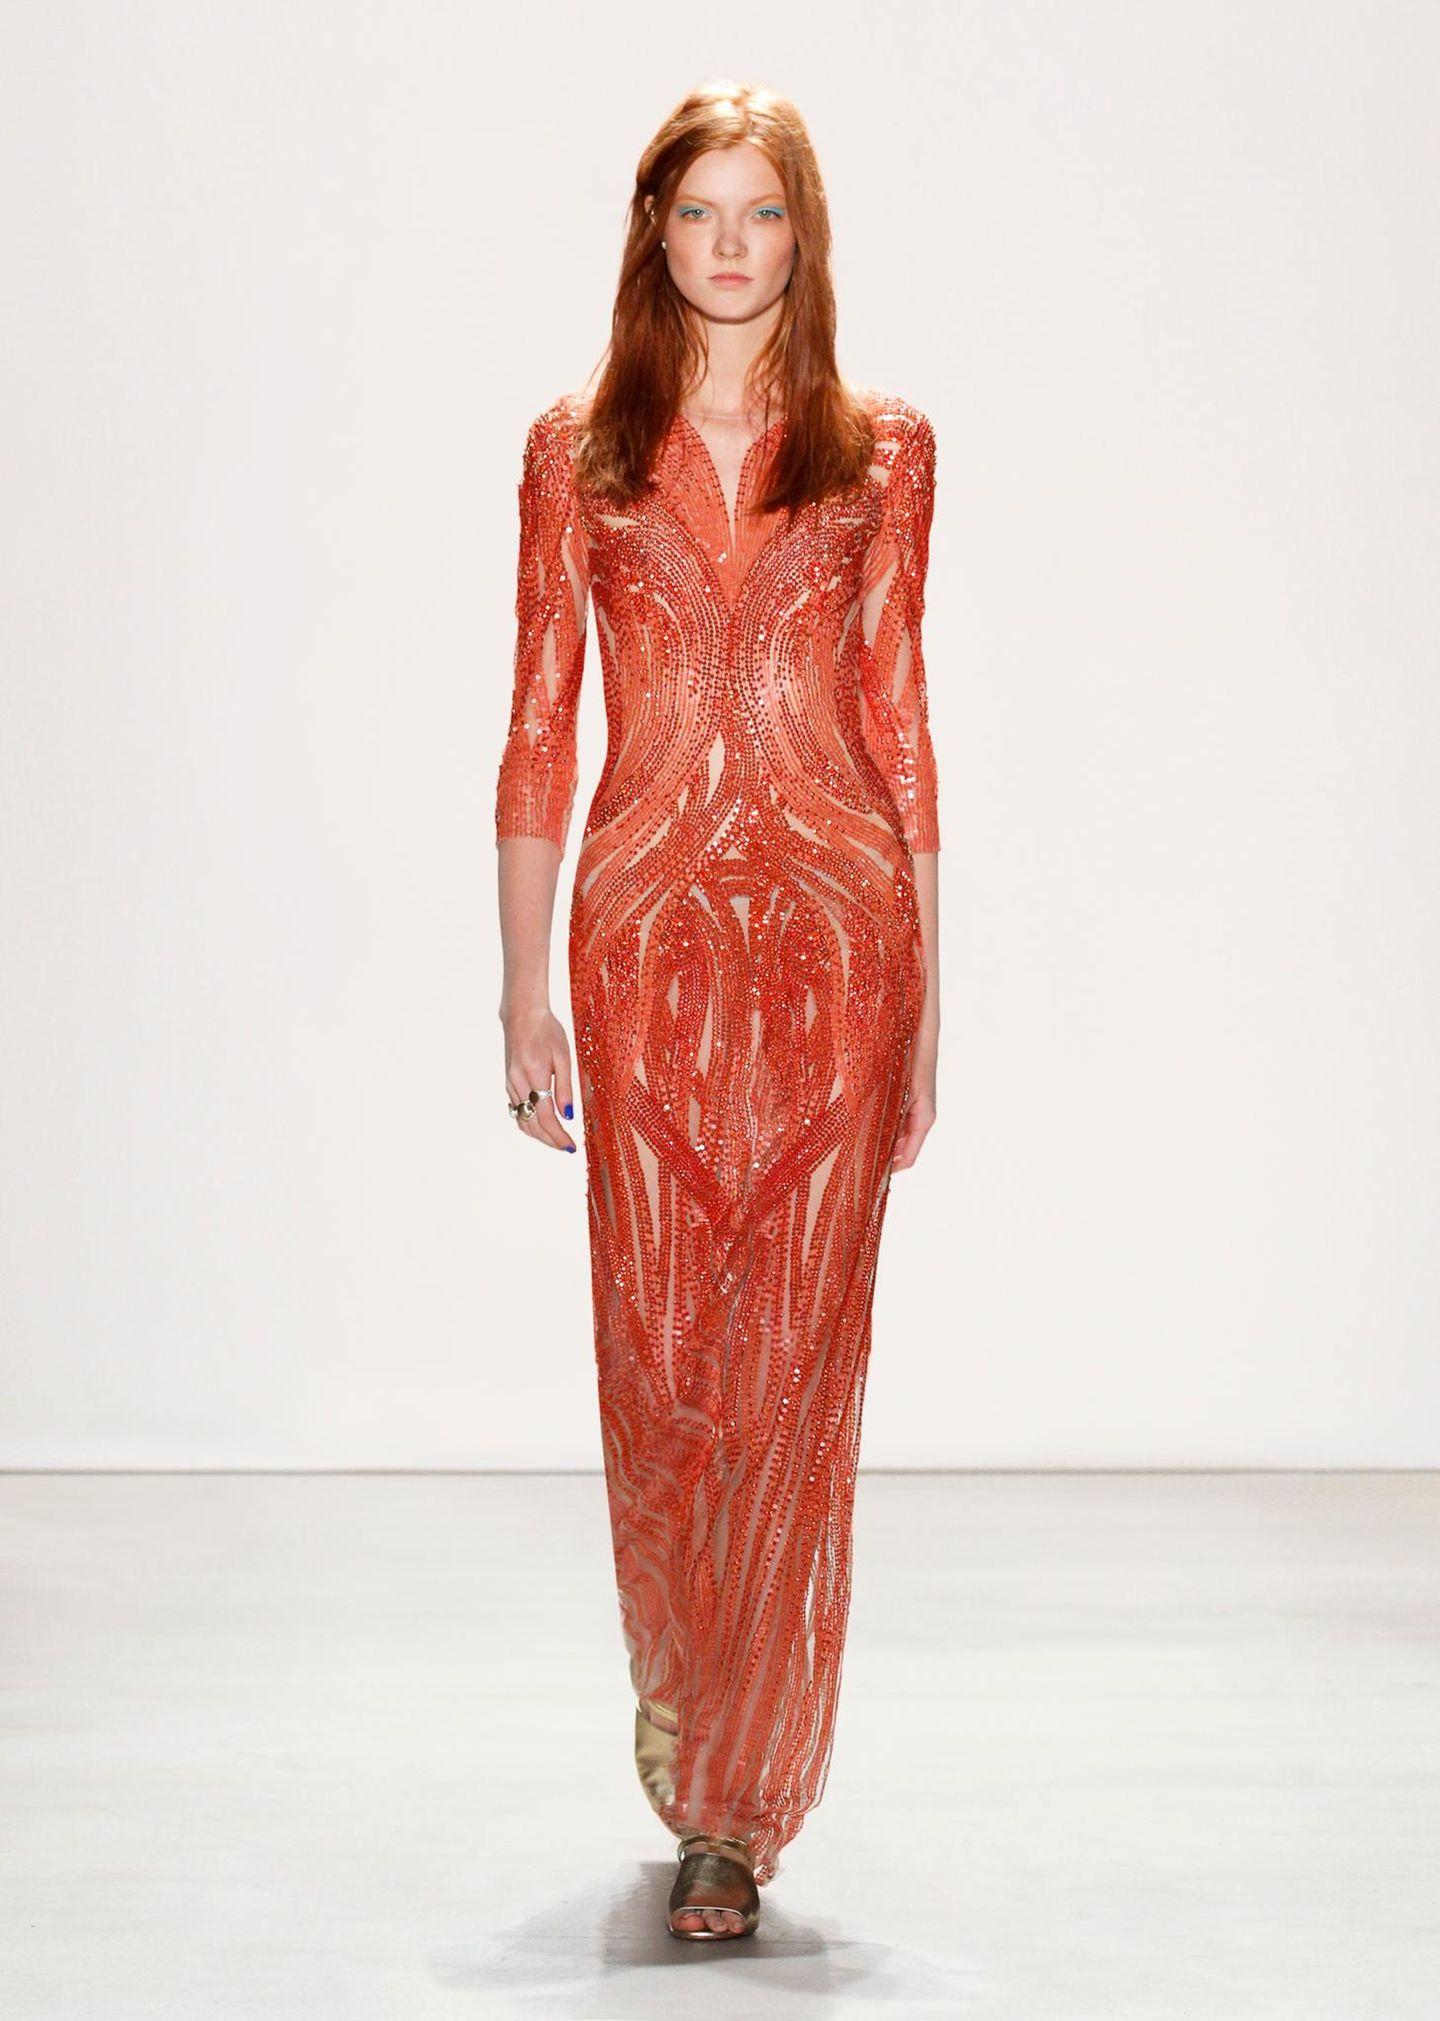 Jenny Packham F/S 2016: Das mit Pailletten überzogene Kleid mit Durchblick würde an Catherine bestimmt für viel Aufsehen sorgen.